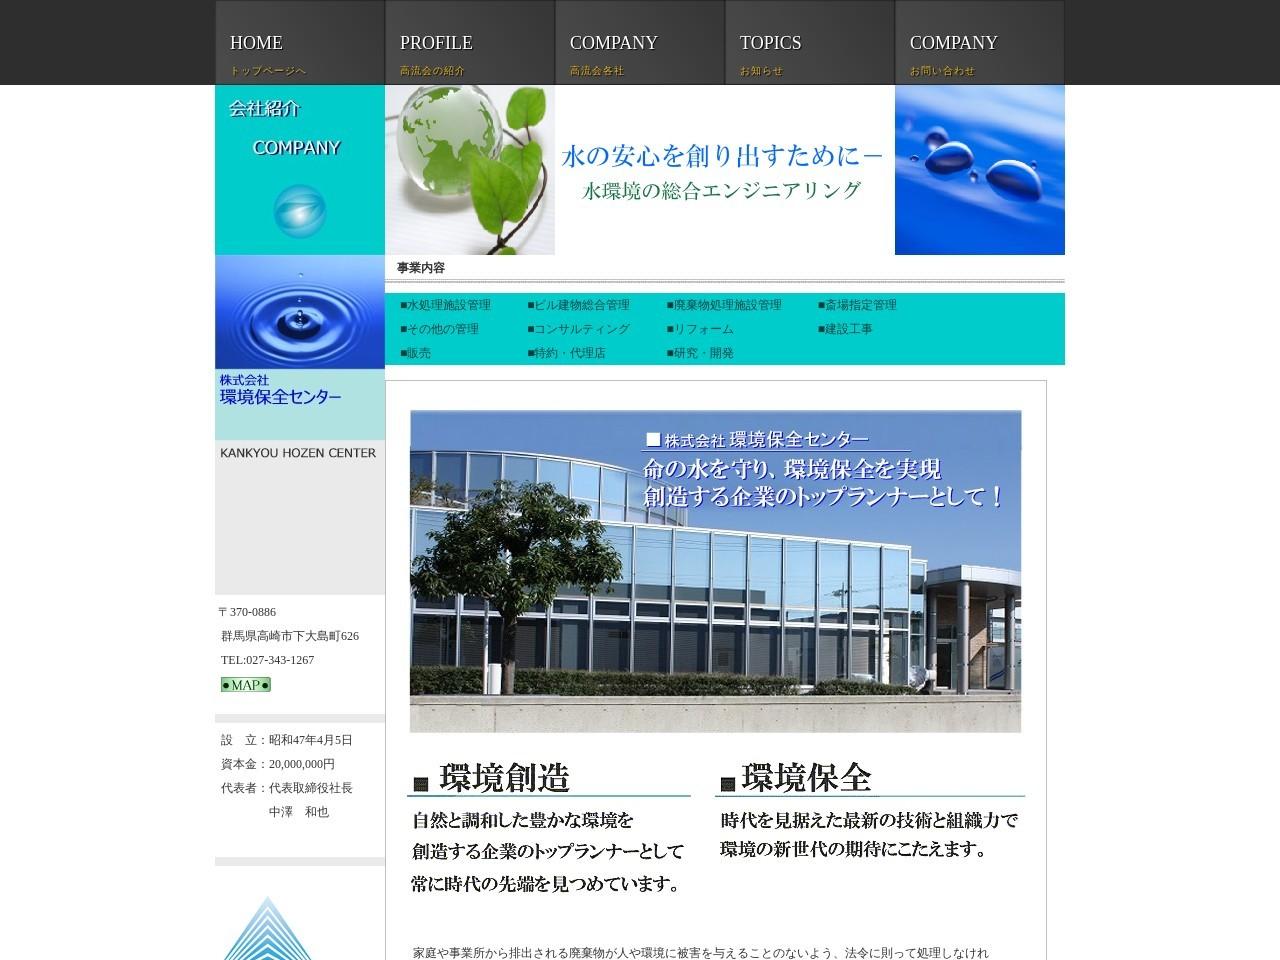 株式会社環境保全センター